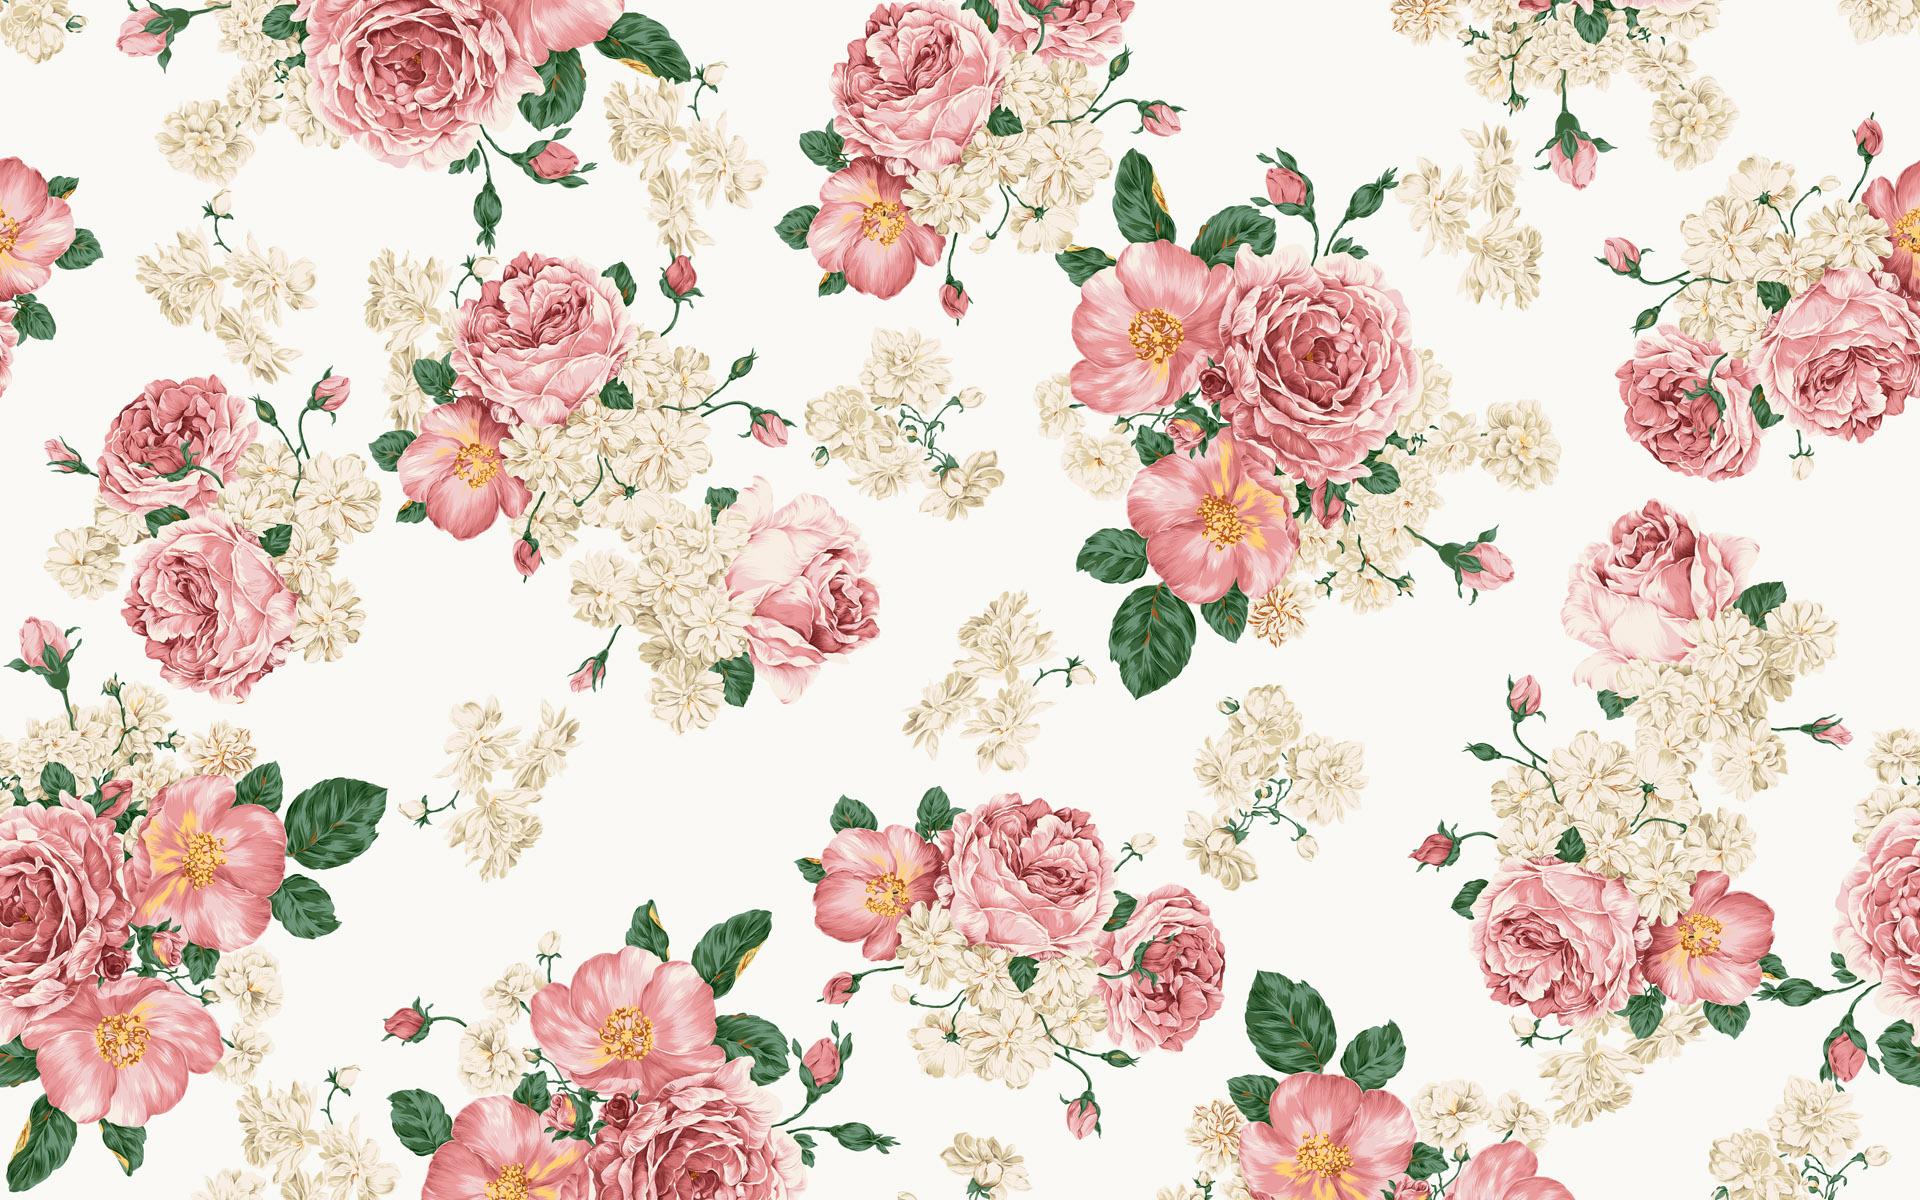 Vintage Flower Patterns Pattern Backgrounds